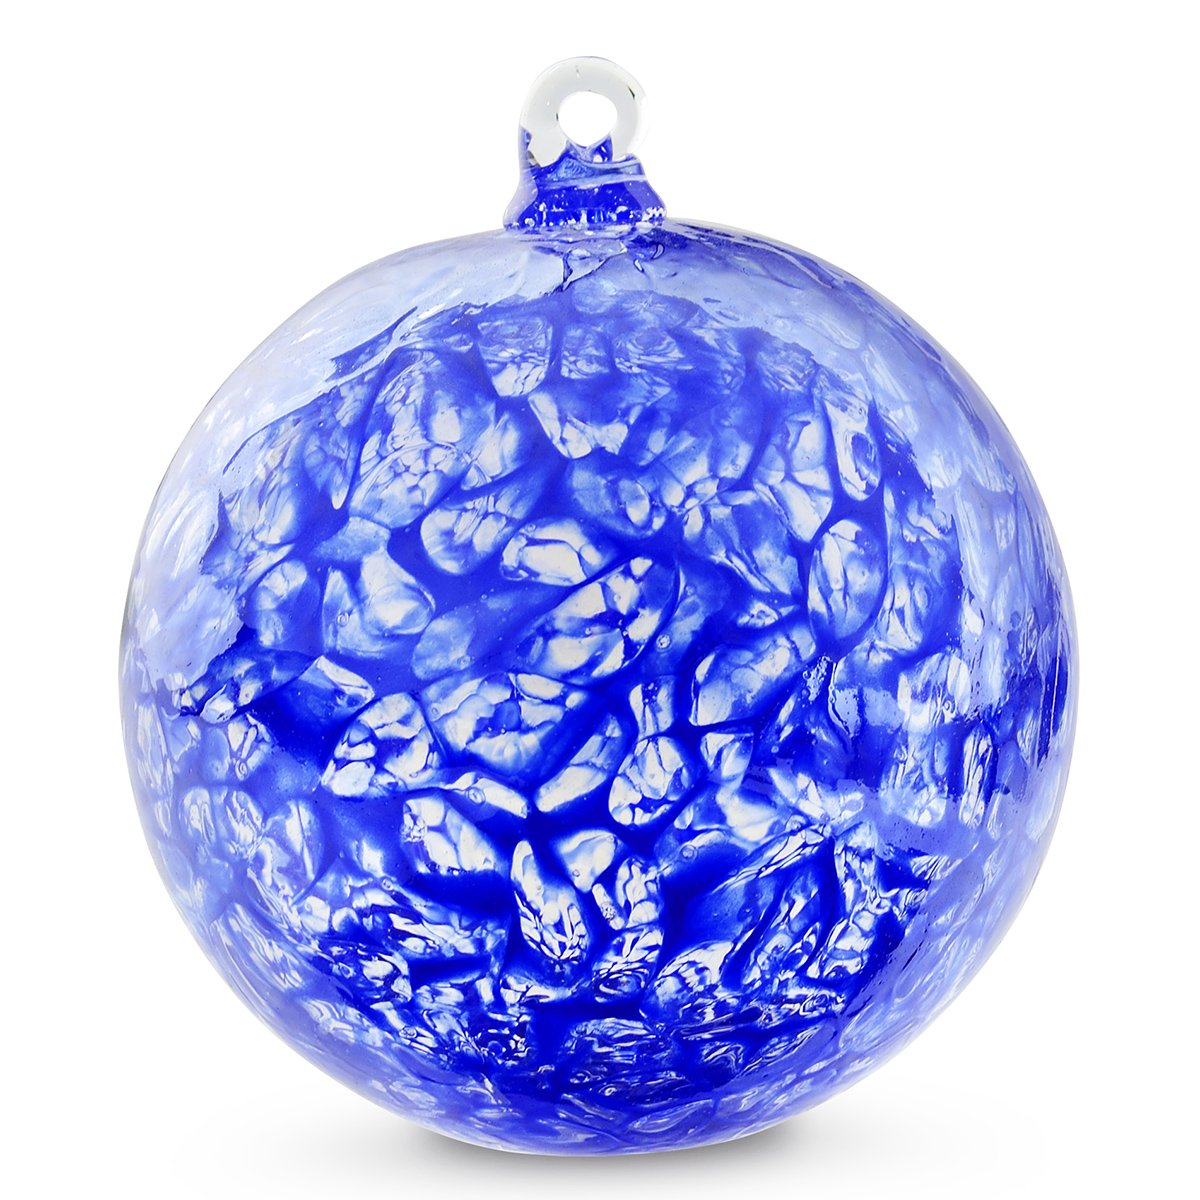 Friendship Ball Cobalt Blue Web Design 4 Inch Kugel Iridized Witch Ball by Iron Art Glass Designs